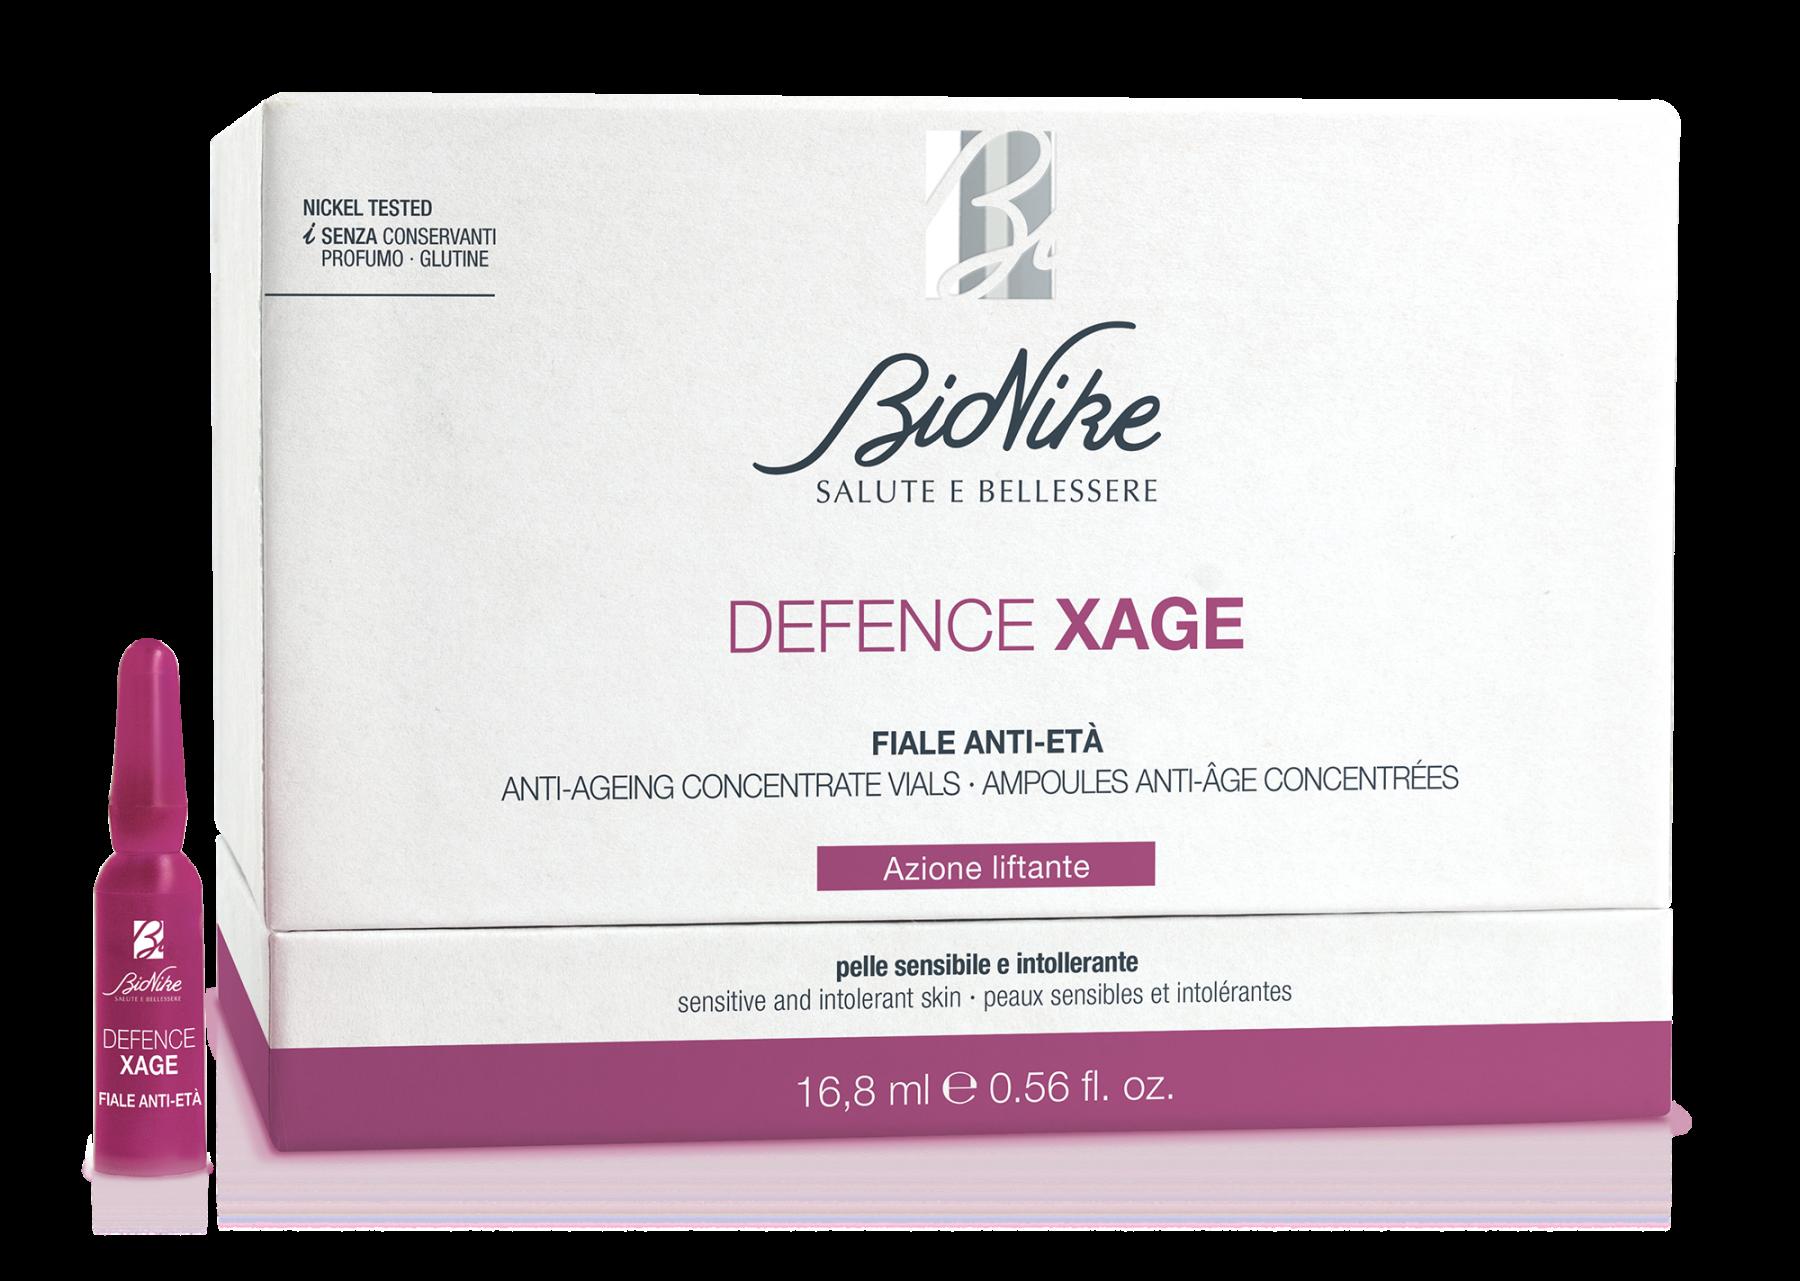 Bionike Defence Xage 14 fiale Concentrate Antieta' Multi Correttive